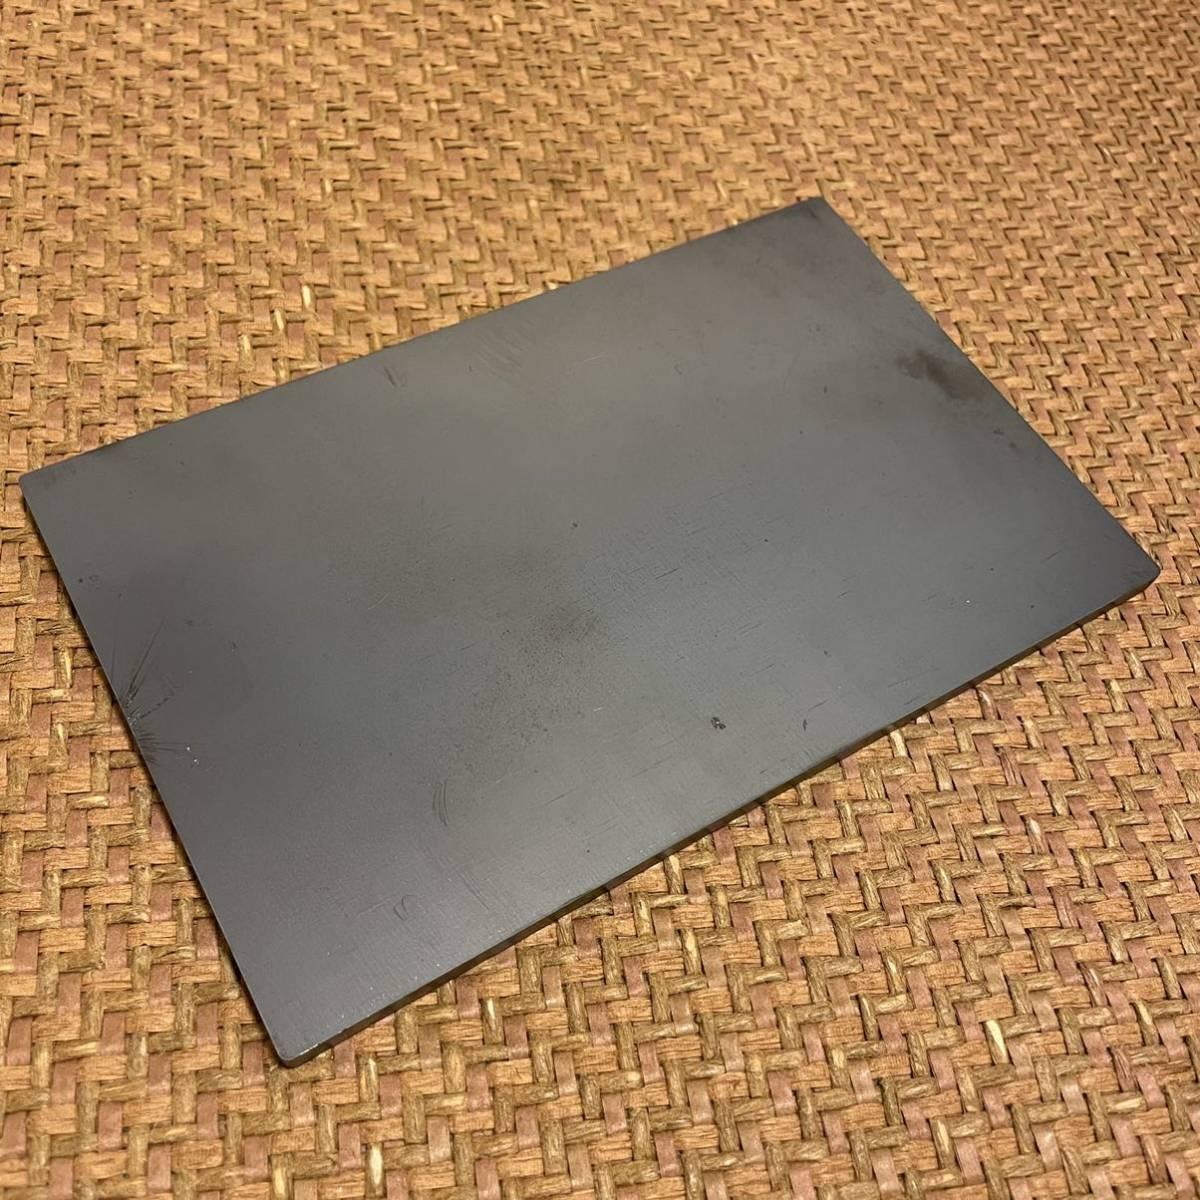 アウトドア 鉄板 120×190㎜ 9ミリ厚 鉄板のみ 黒皮鉄板 ソロ鉄板 大和鉄板 キャンプ バーベキュー